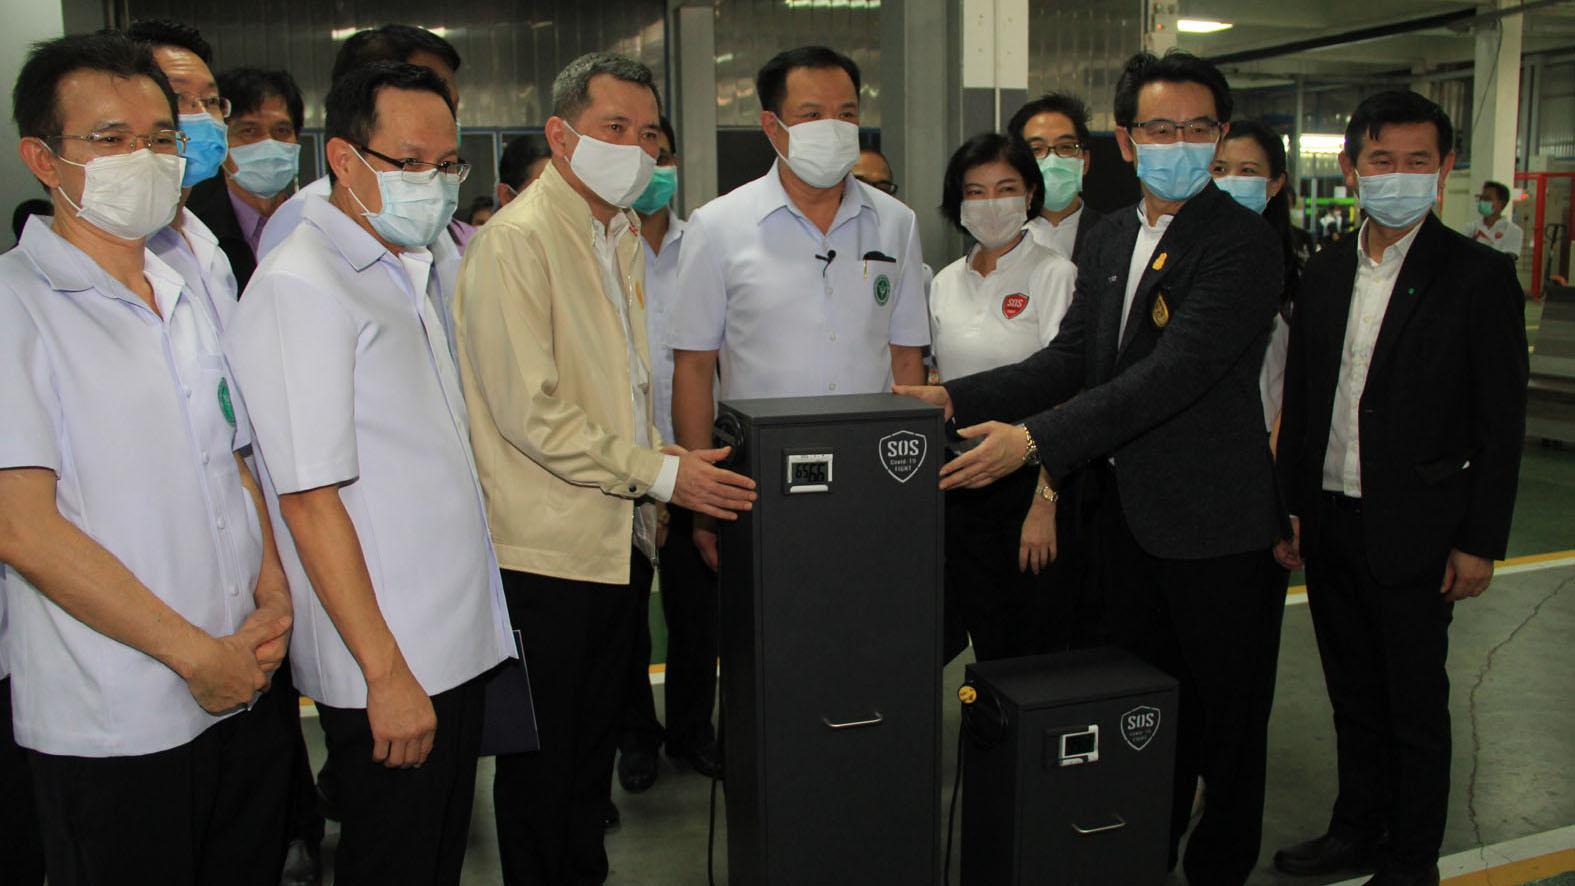 รองนายกรัฐมนตรี รุดเยี่ยมดูการผลิตตู้อบรังสี UVC ใช้ฆ่าเชื้อโควิดเครื่องมือทางการแพทย์